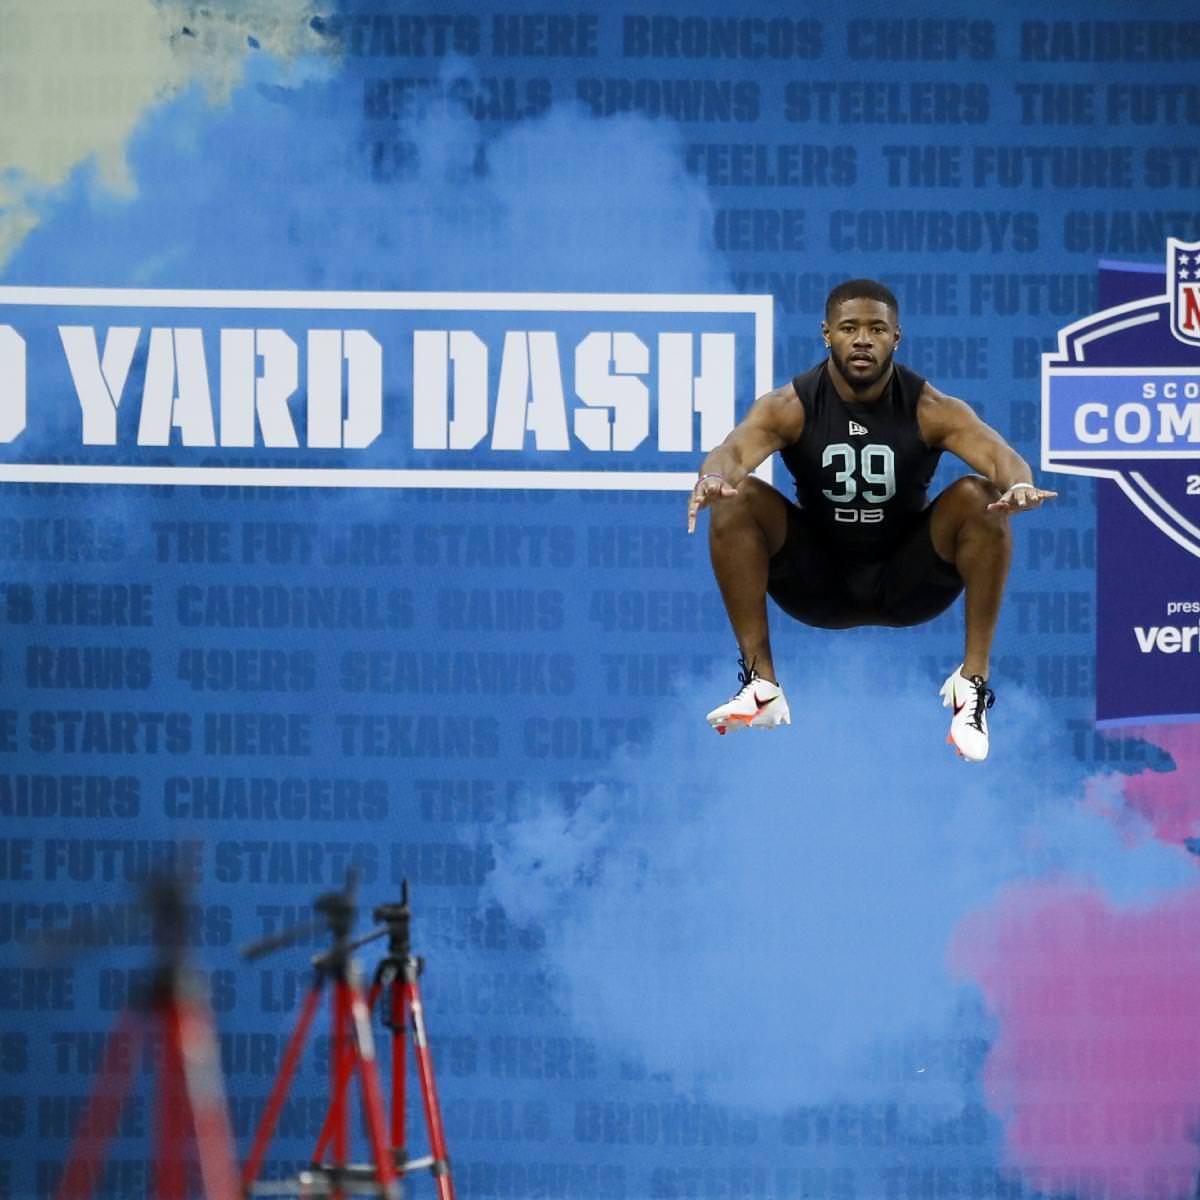 NFL supostamente 'resistente' a reagendar o draft de 2021 se o Combine for movido de volta